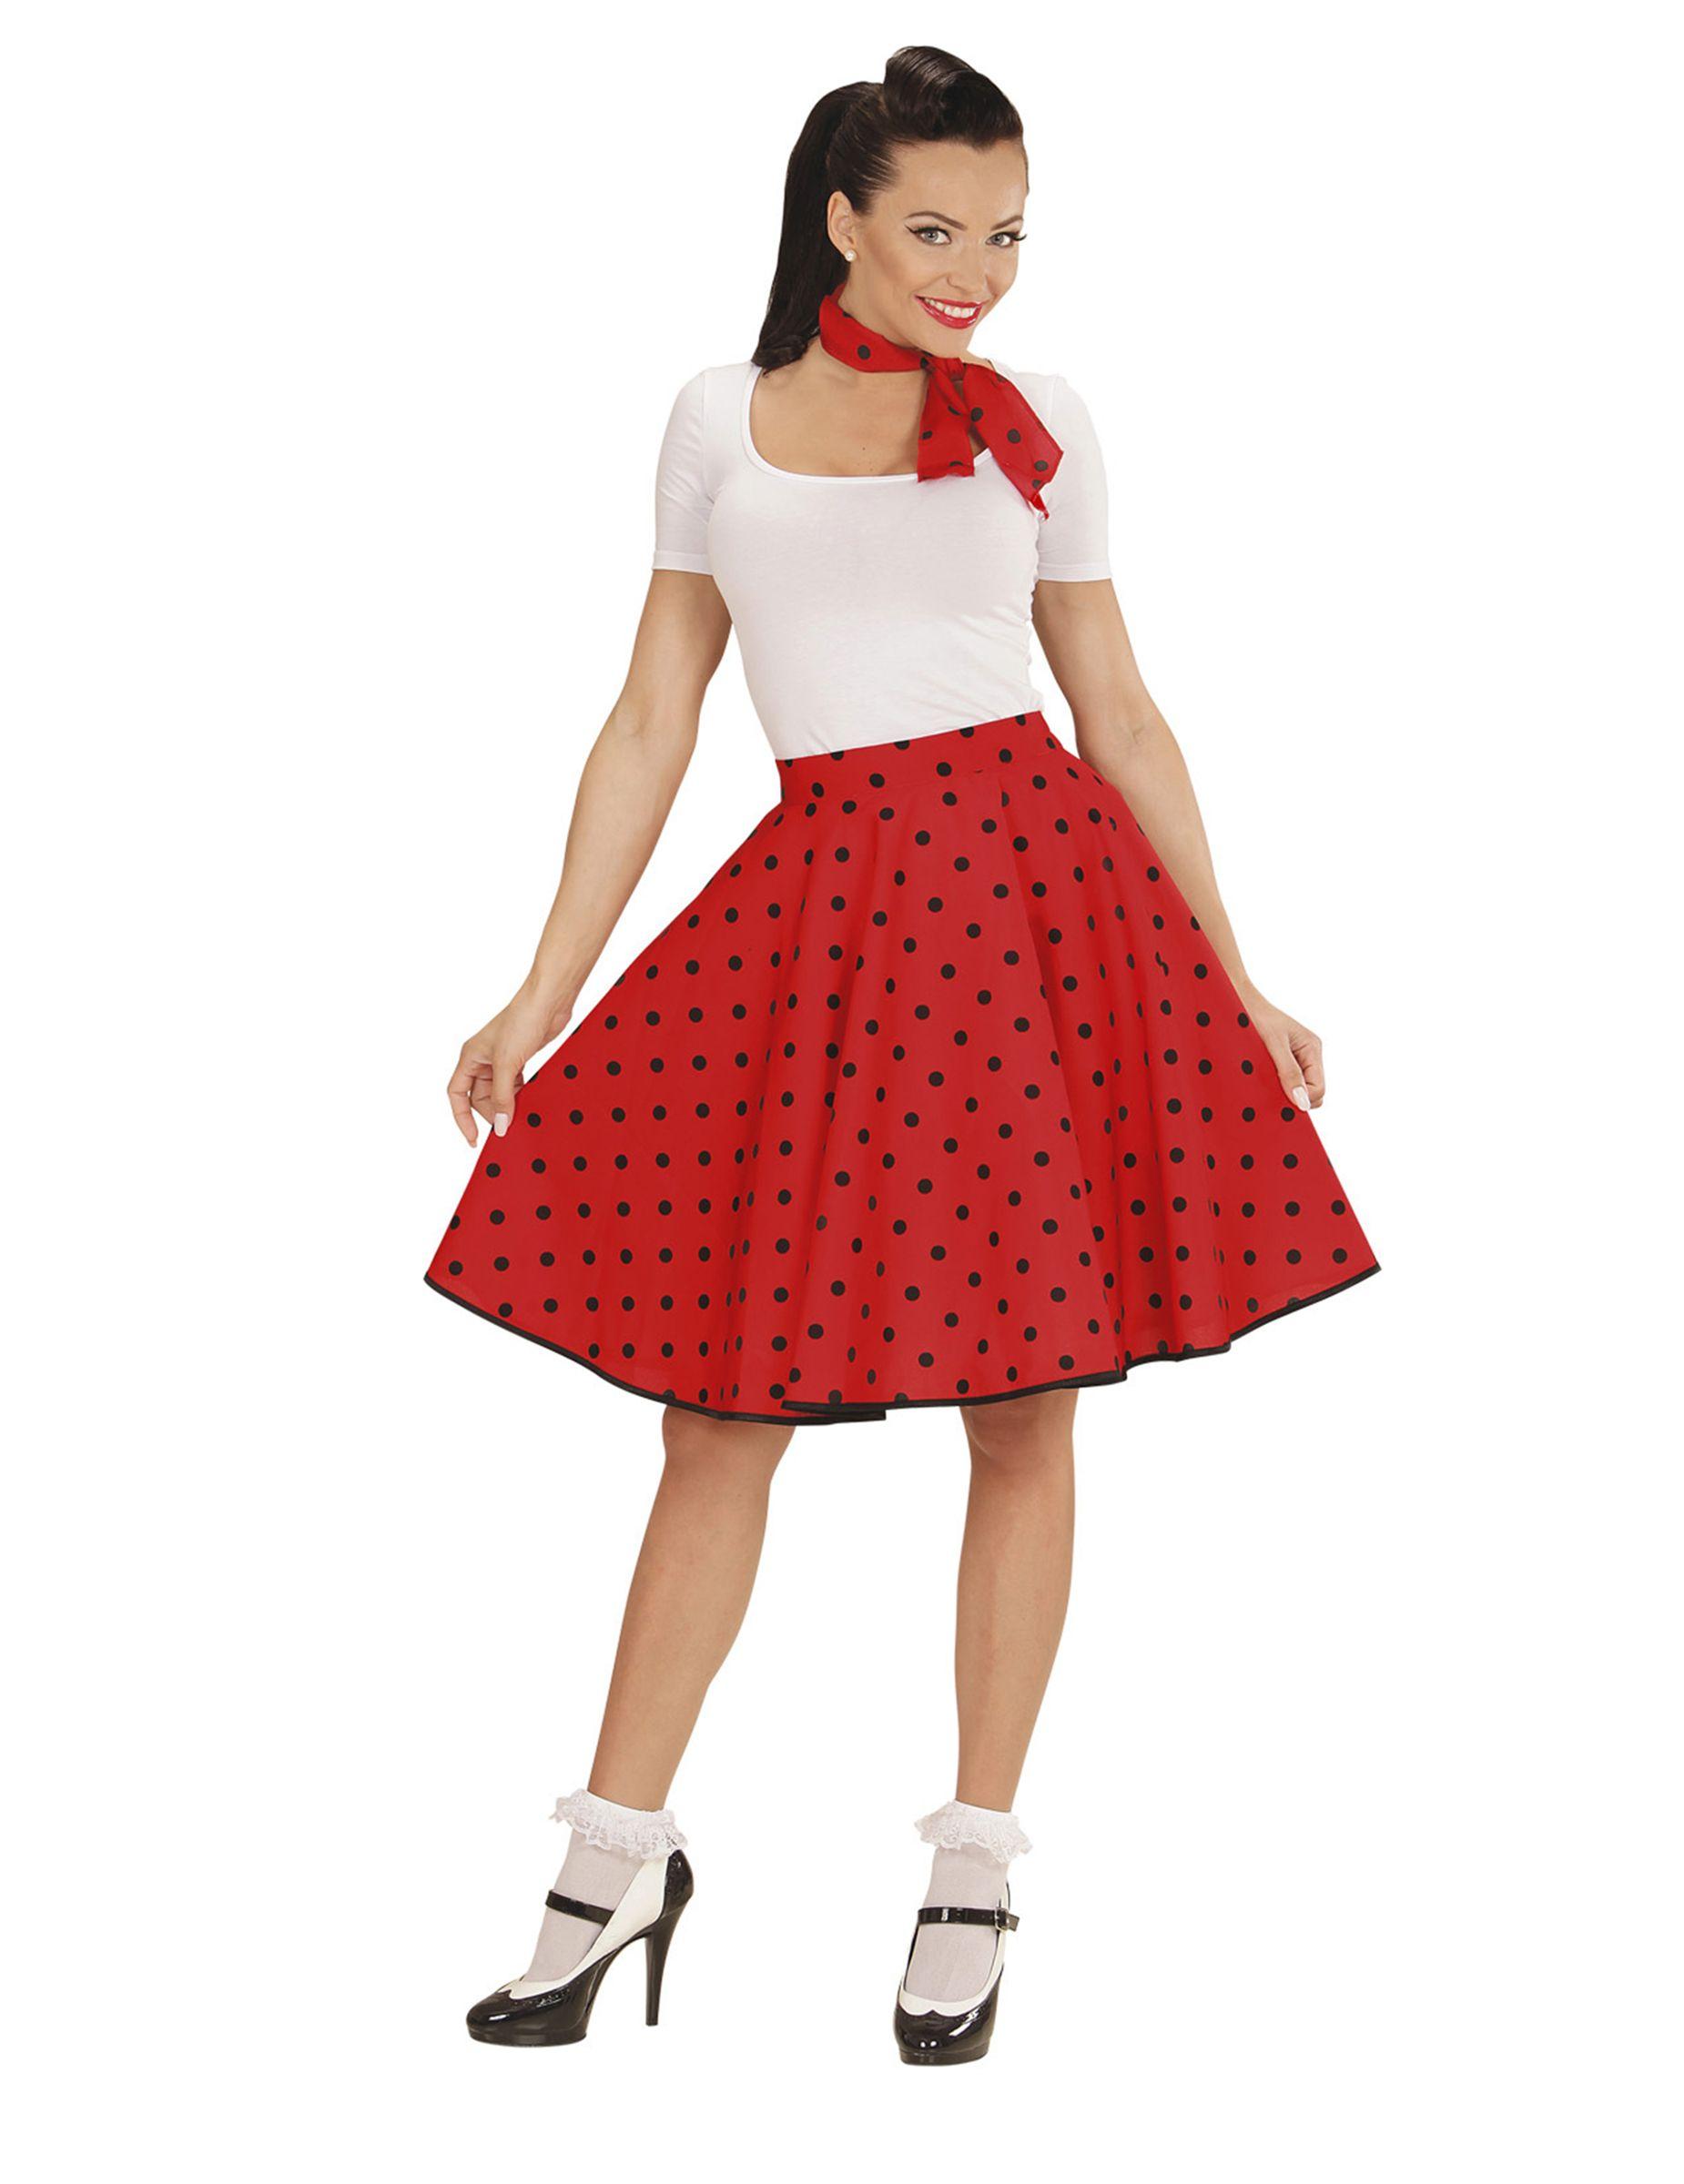 07d9b1aaa68449 50er Jahre Damen-Rock und -Halstuch rot , günstige Faschings Kostüme bei  Karneval Megastore, der größte Karneval und Faschings Kostüm- und  Partyartikel ...